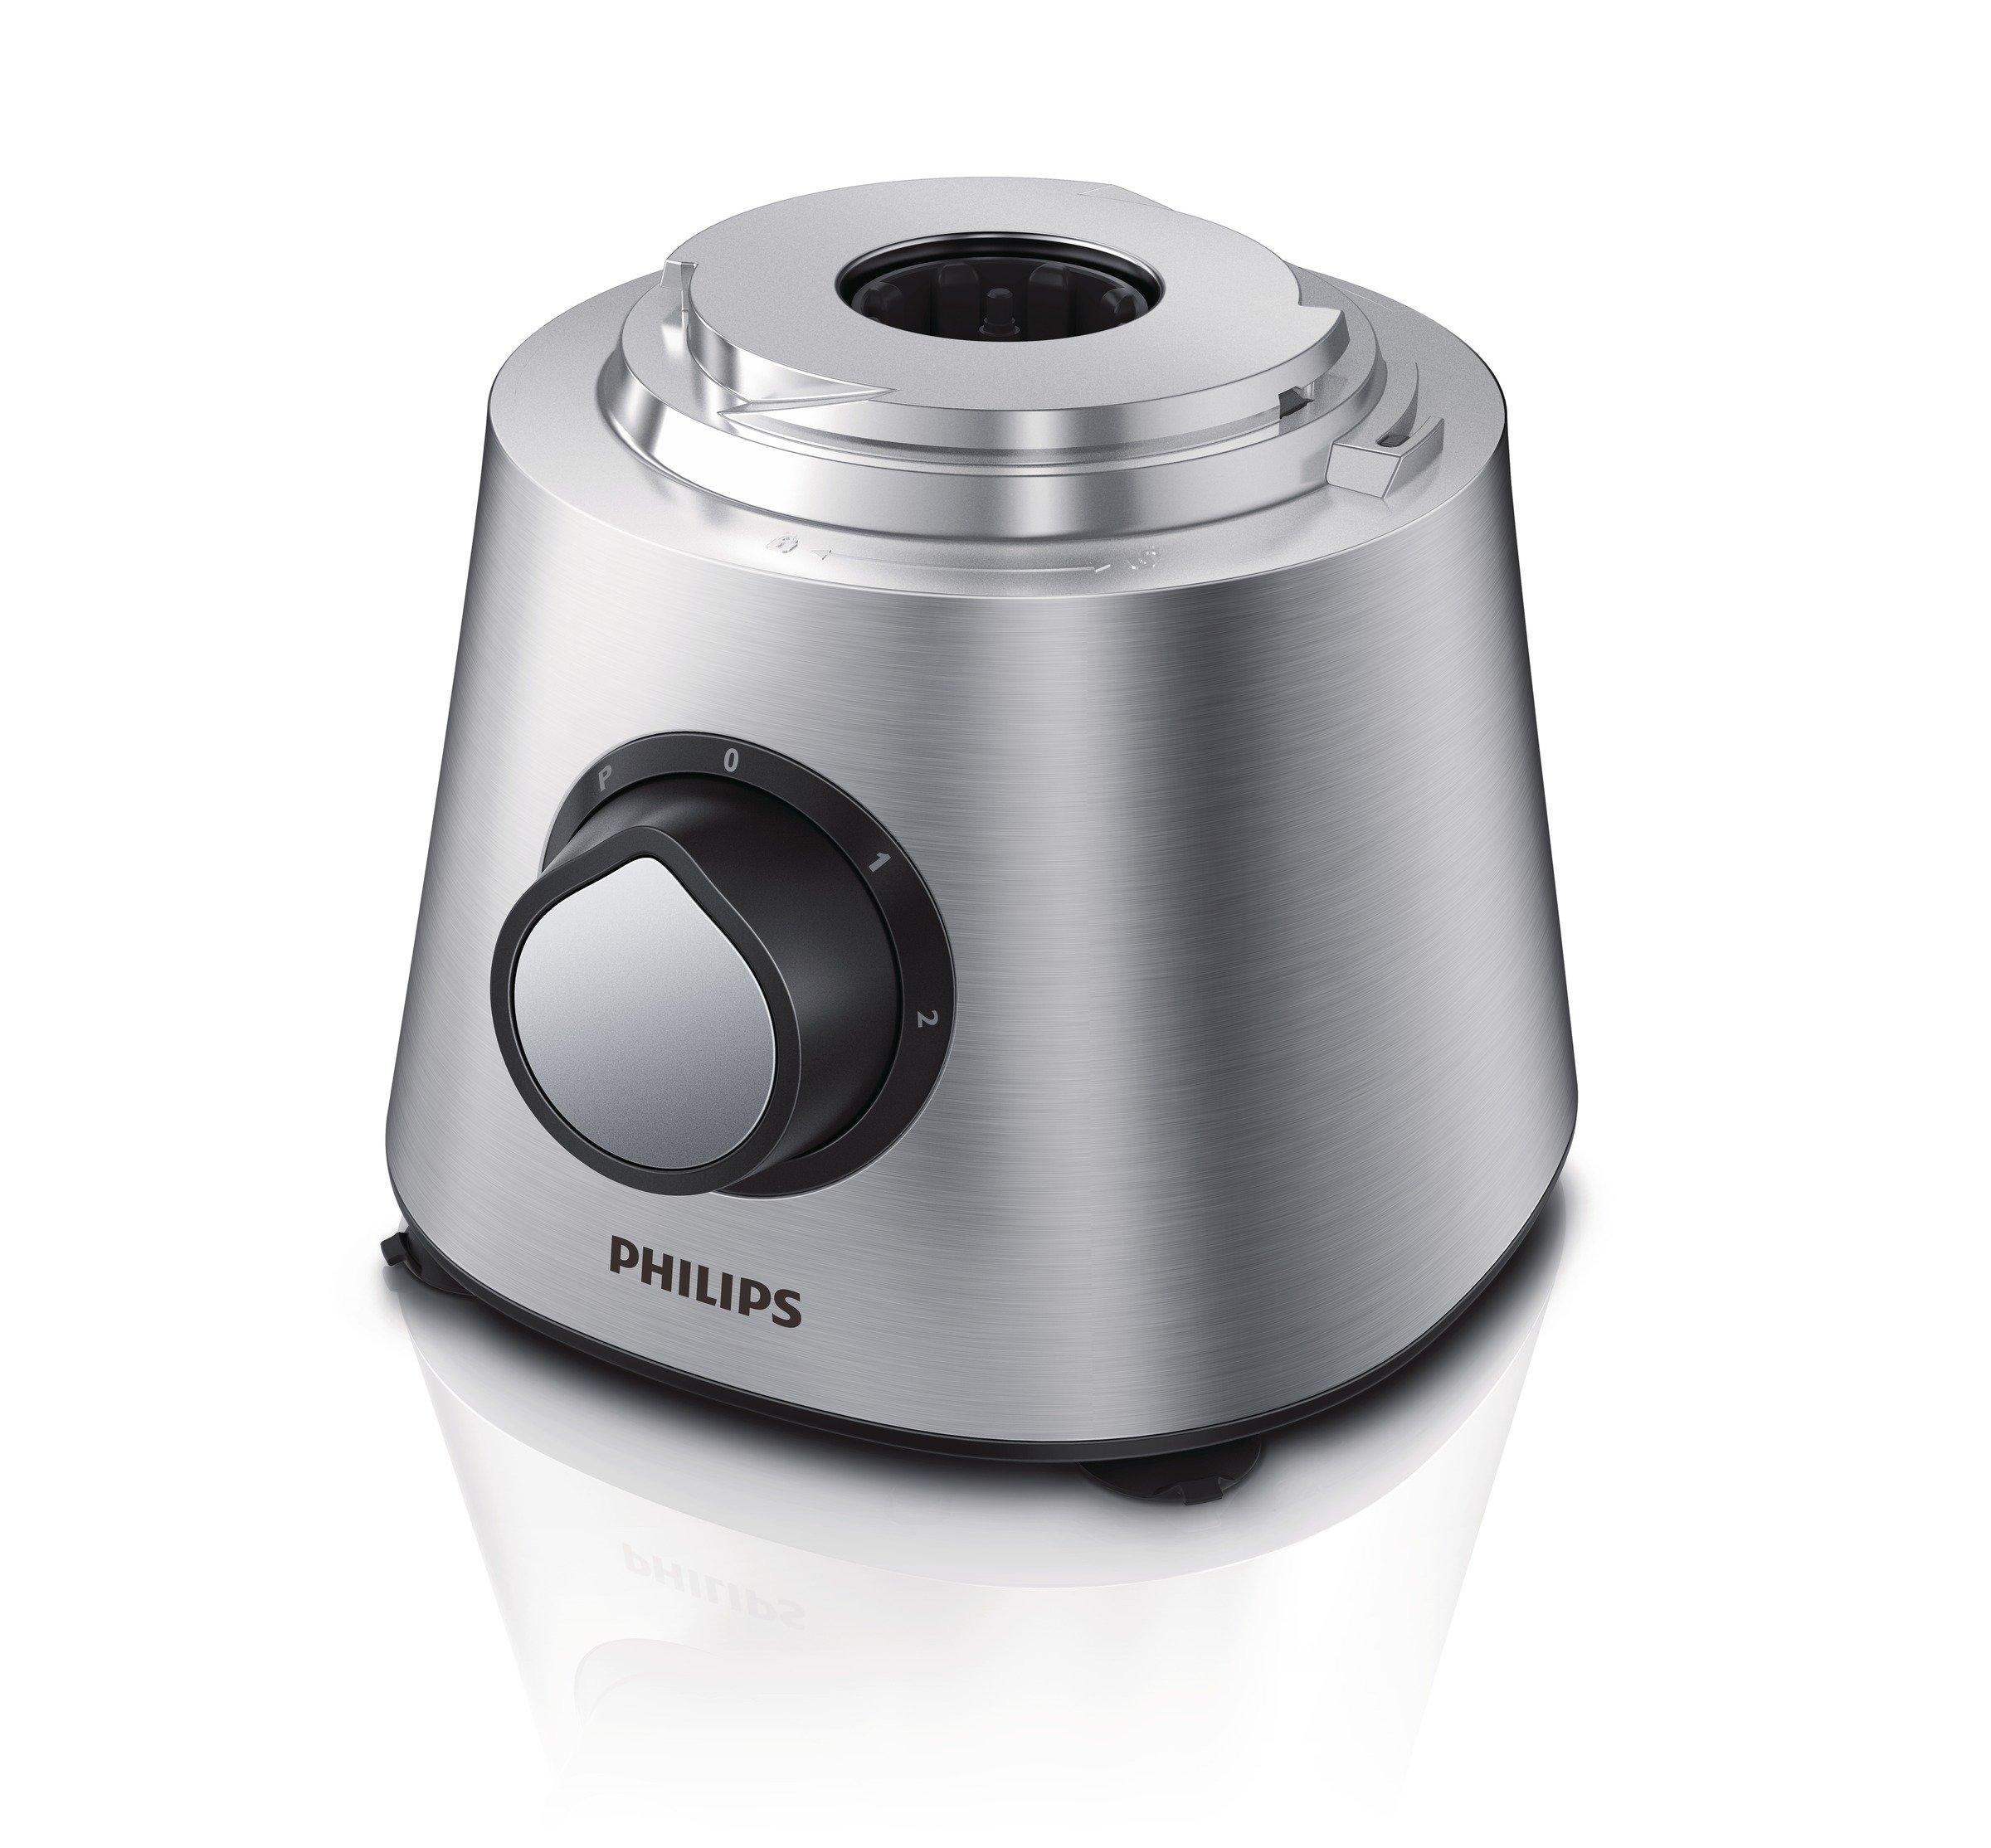 Philips-HR776900-Kchenmaschine-850-Watt-inkl-Knethaken-Standmixer-Mhle-und-Zitruspresse-schwarzsilber